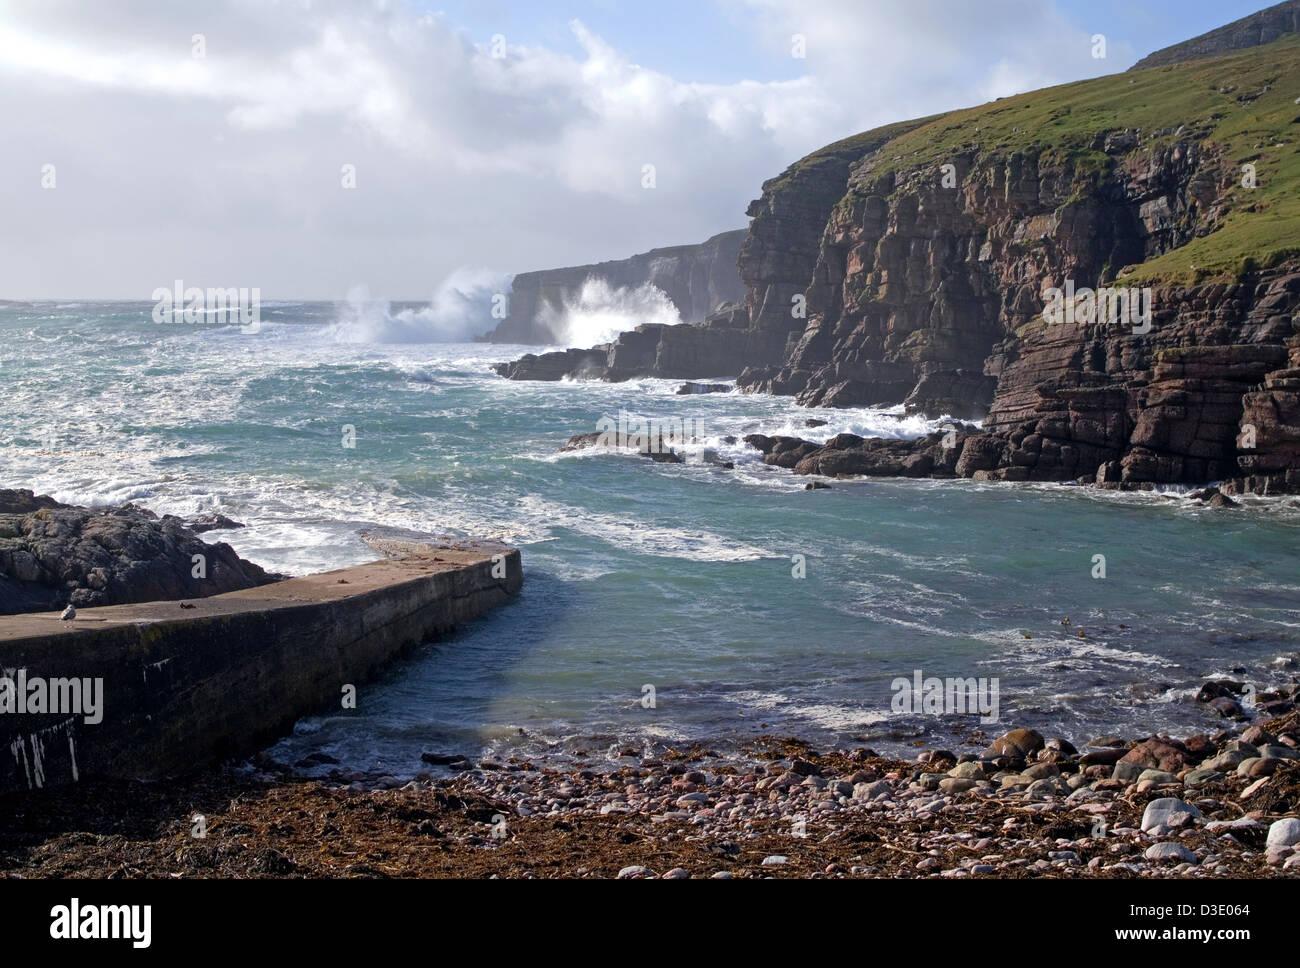 Mare mosso al porto Chaligaig, da Droman vicino Kinlochbervie, Northwest Sutherland, altipiani, Scotland Regno Unito Foto Stock